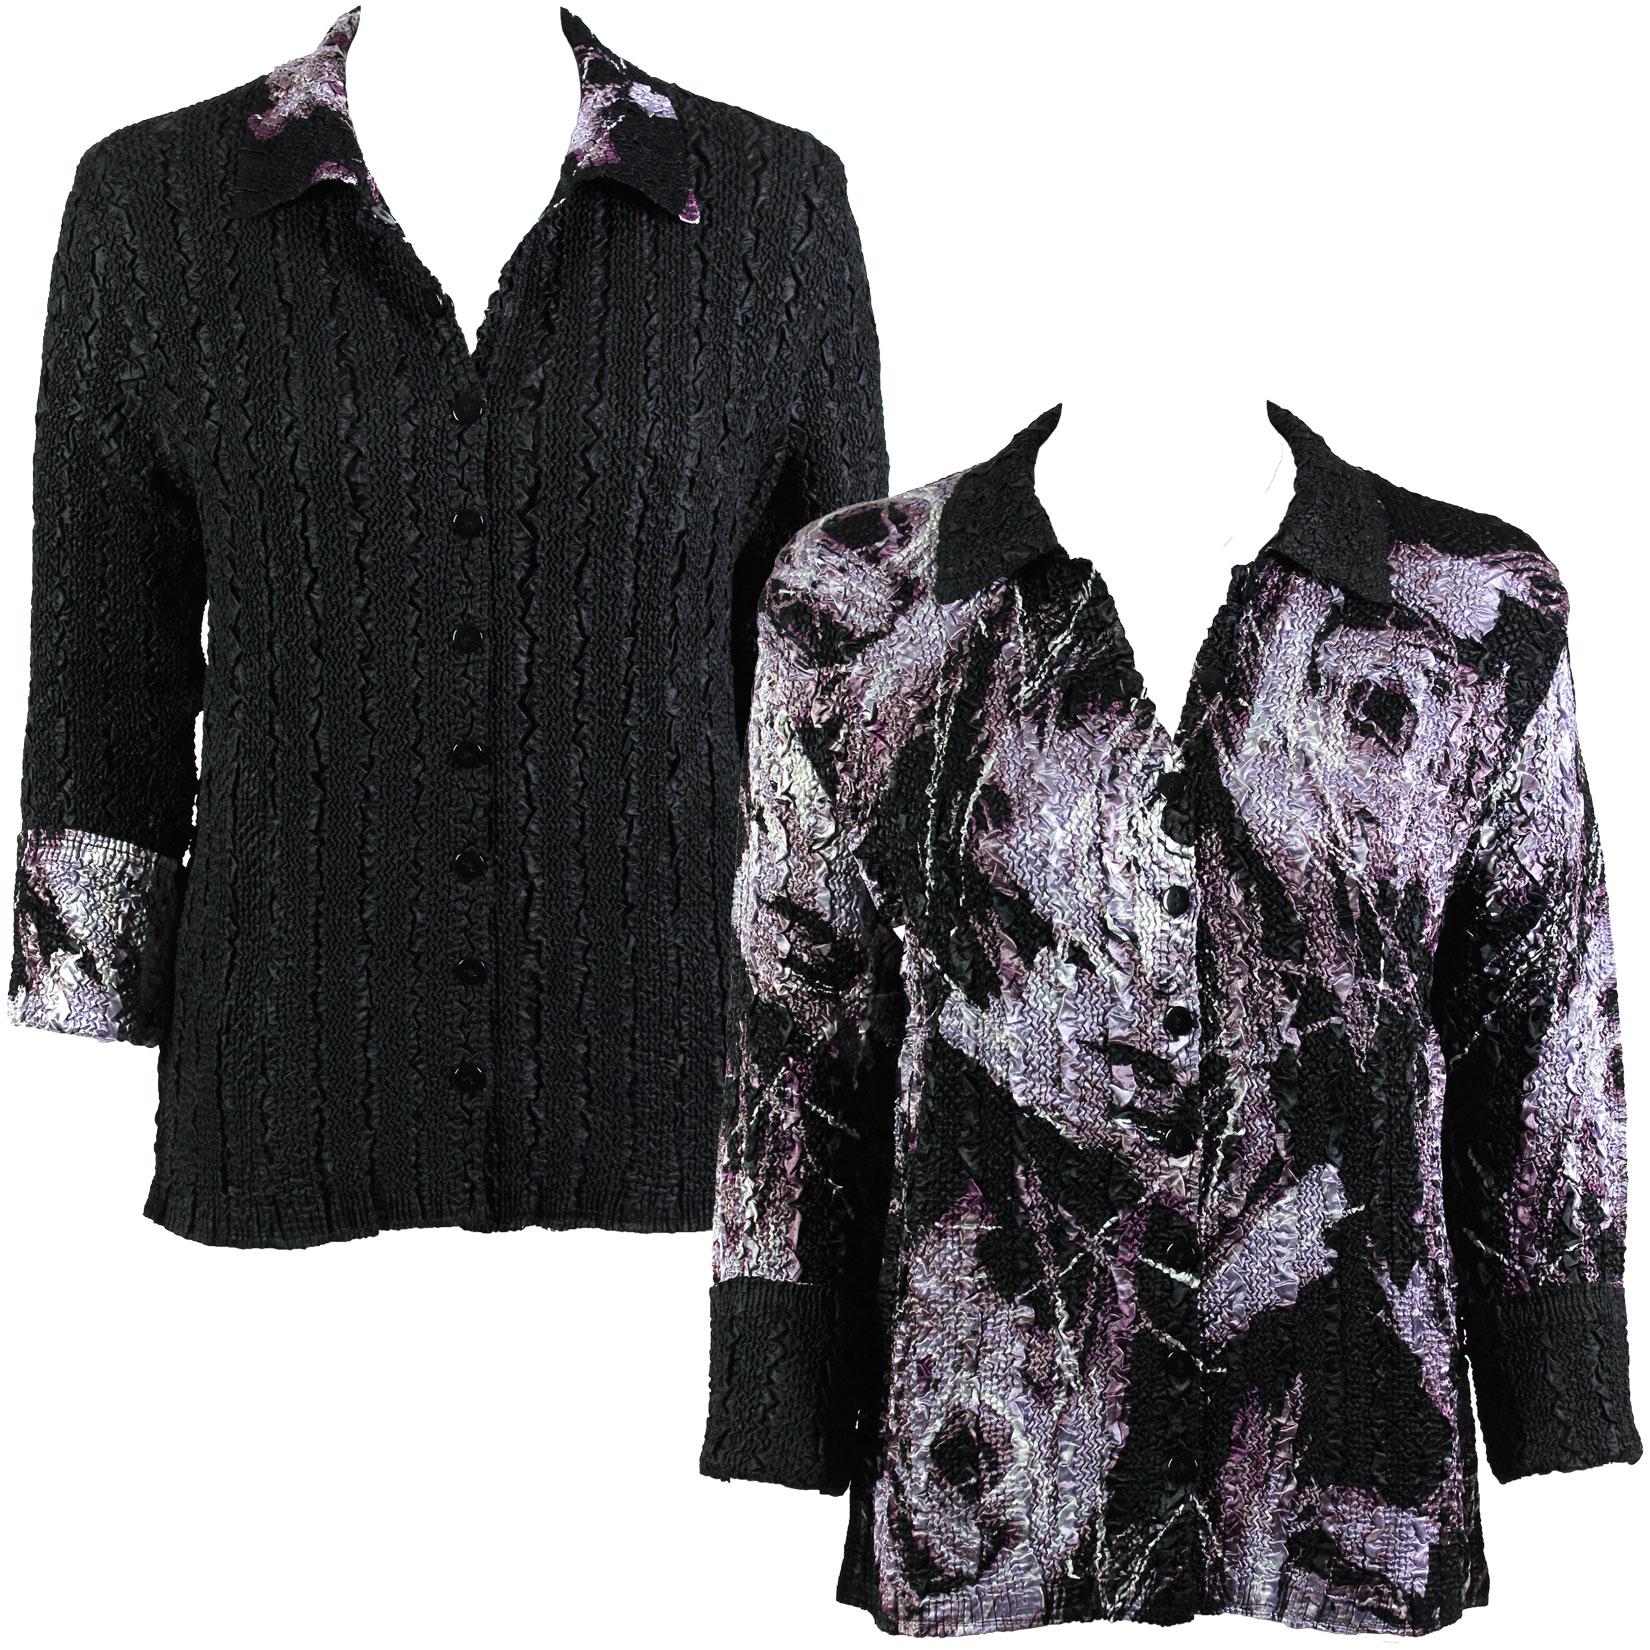 Wholesale Magic Crush - Reversible Jackets Brushstrokes Black-Purple reverses to Solid Black #9065 - S-M